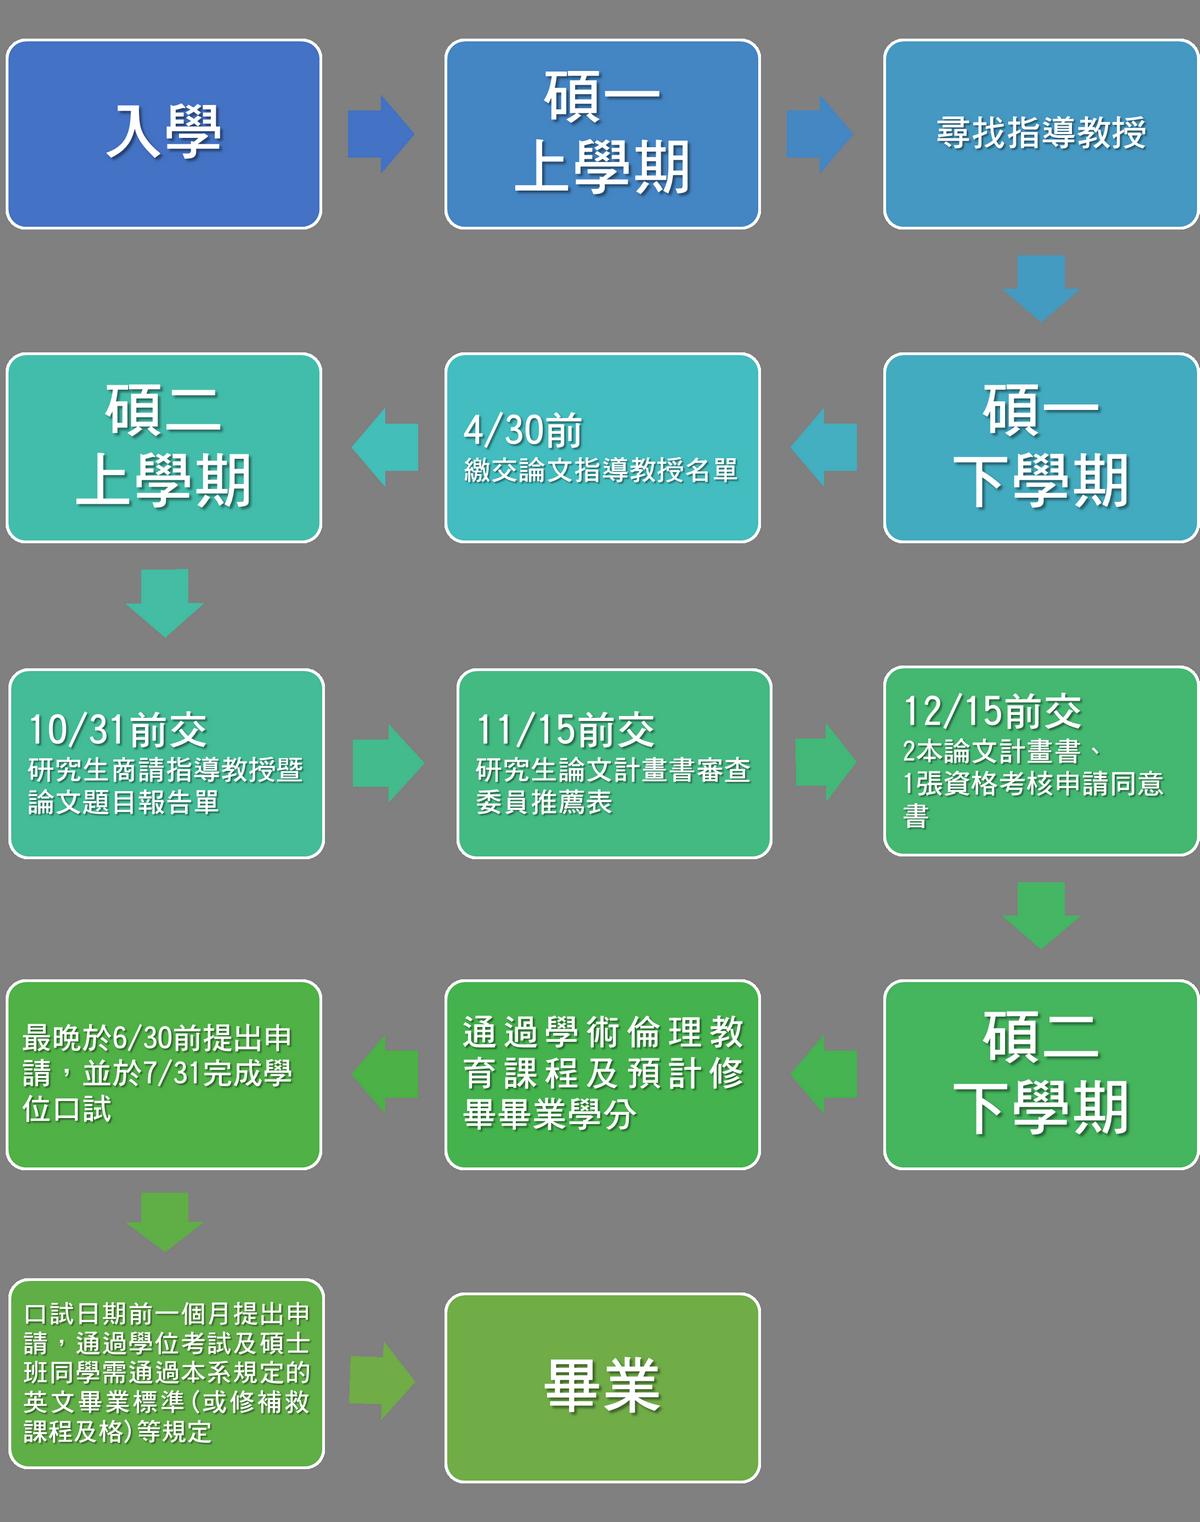 學位考試流程圖